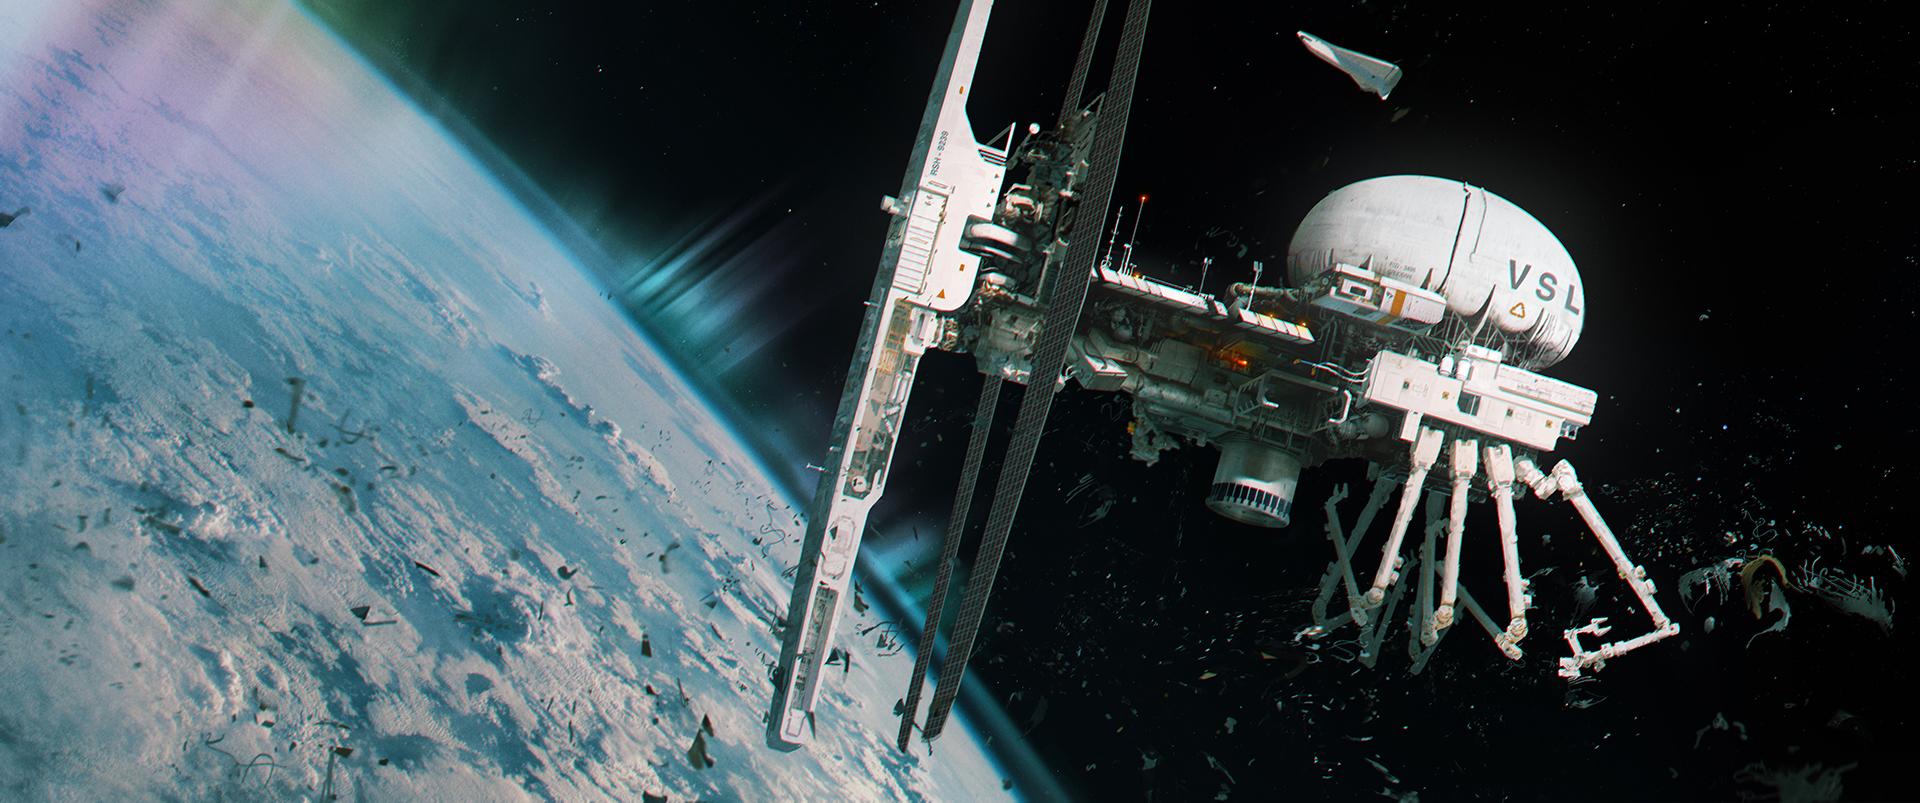 orbital_v7_lights.jpg